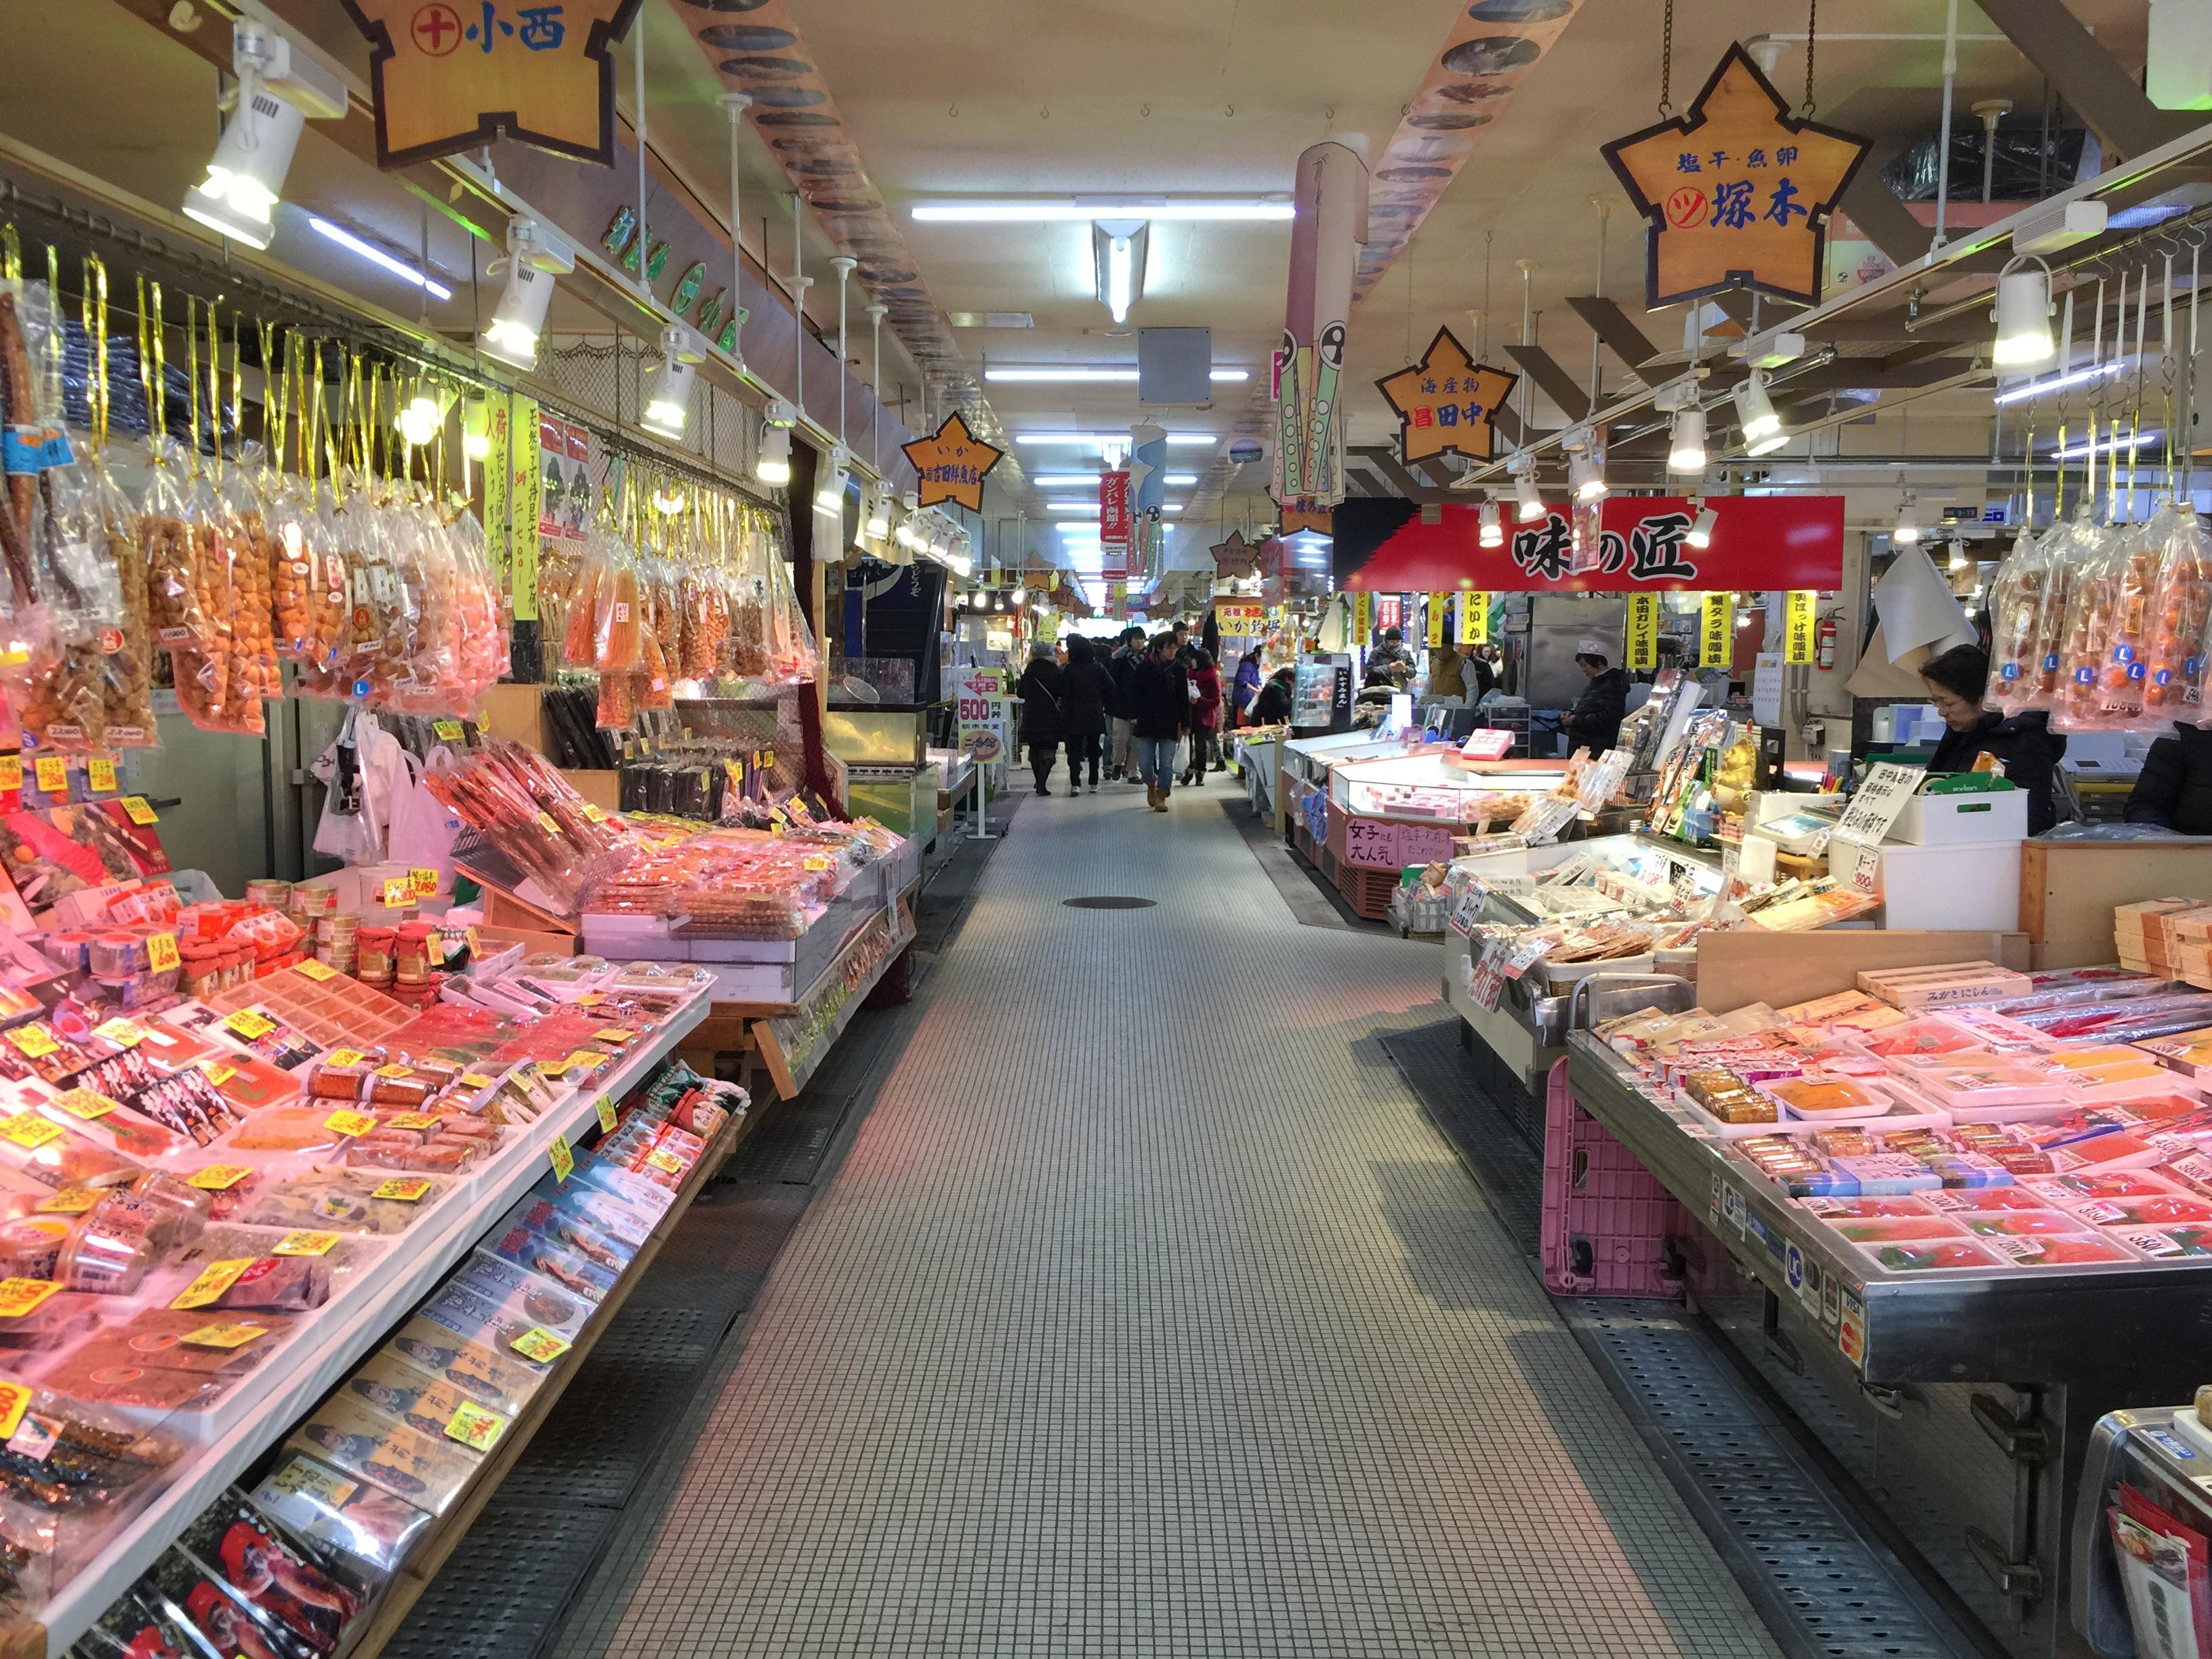 File:Hakodate Morning Market, Hakodate Asaichi, Hakodate, 2014.jpg ...